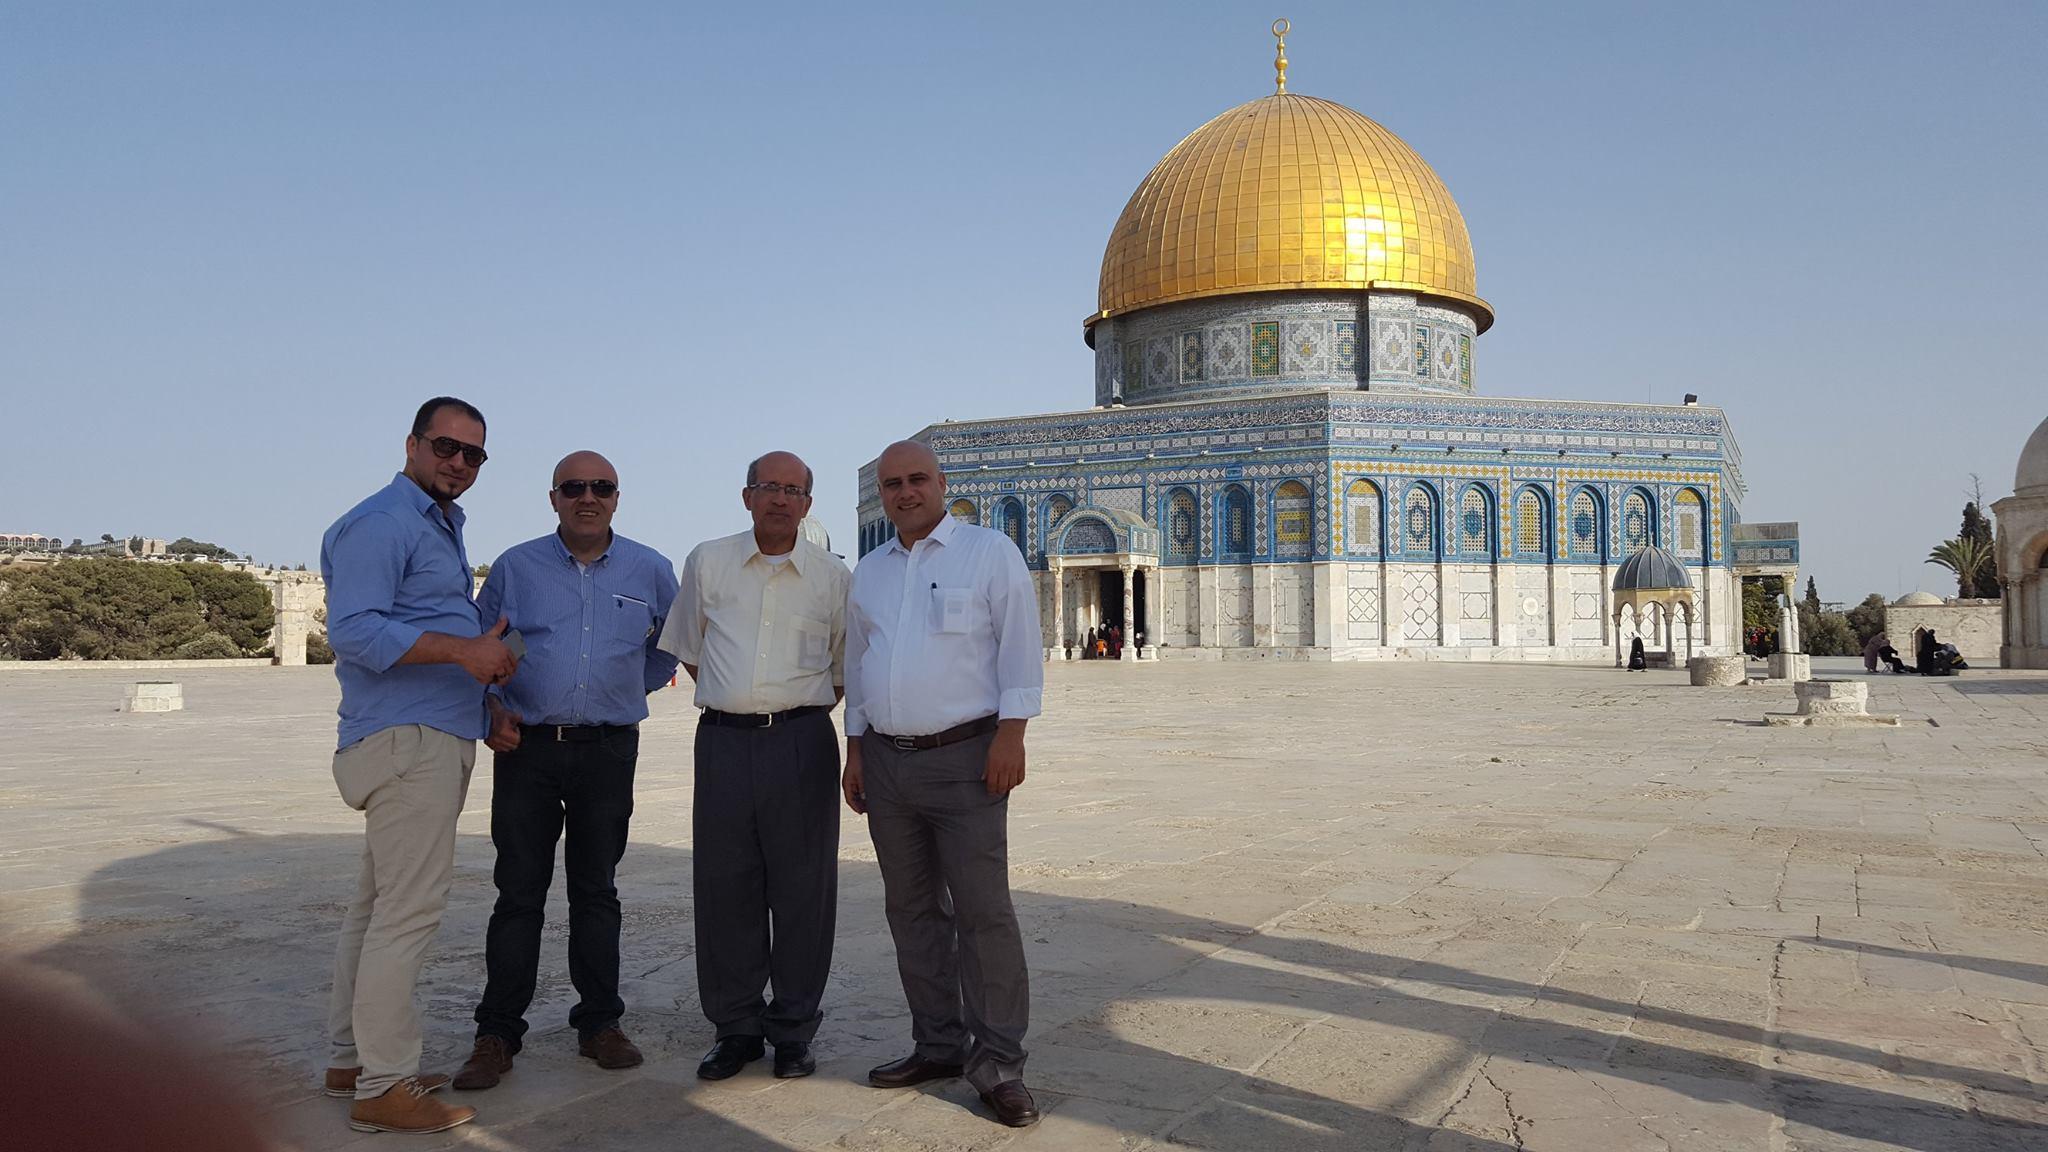 جوله في المسجد الاقصى في القدس الشريف  عصر يوم الخميس 13-7- 2017